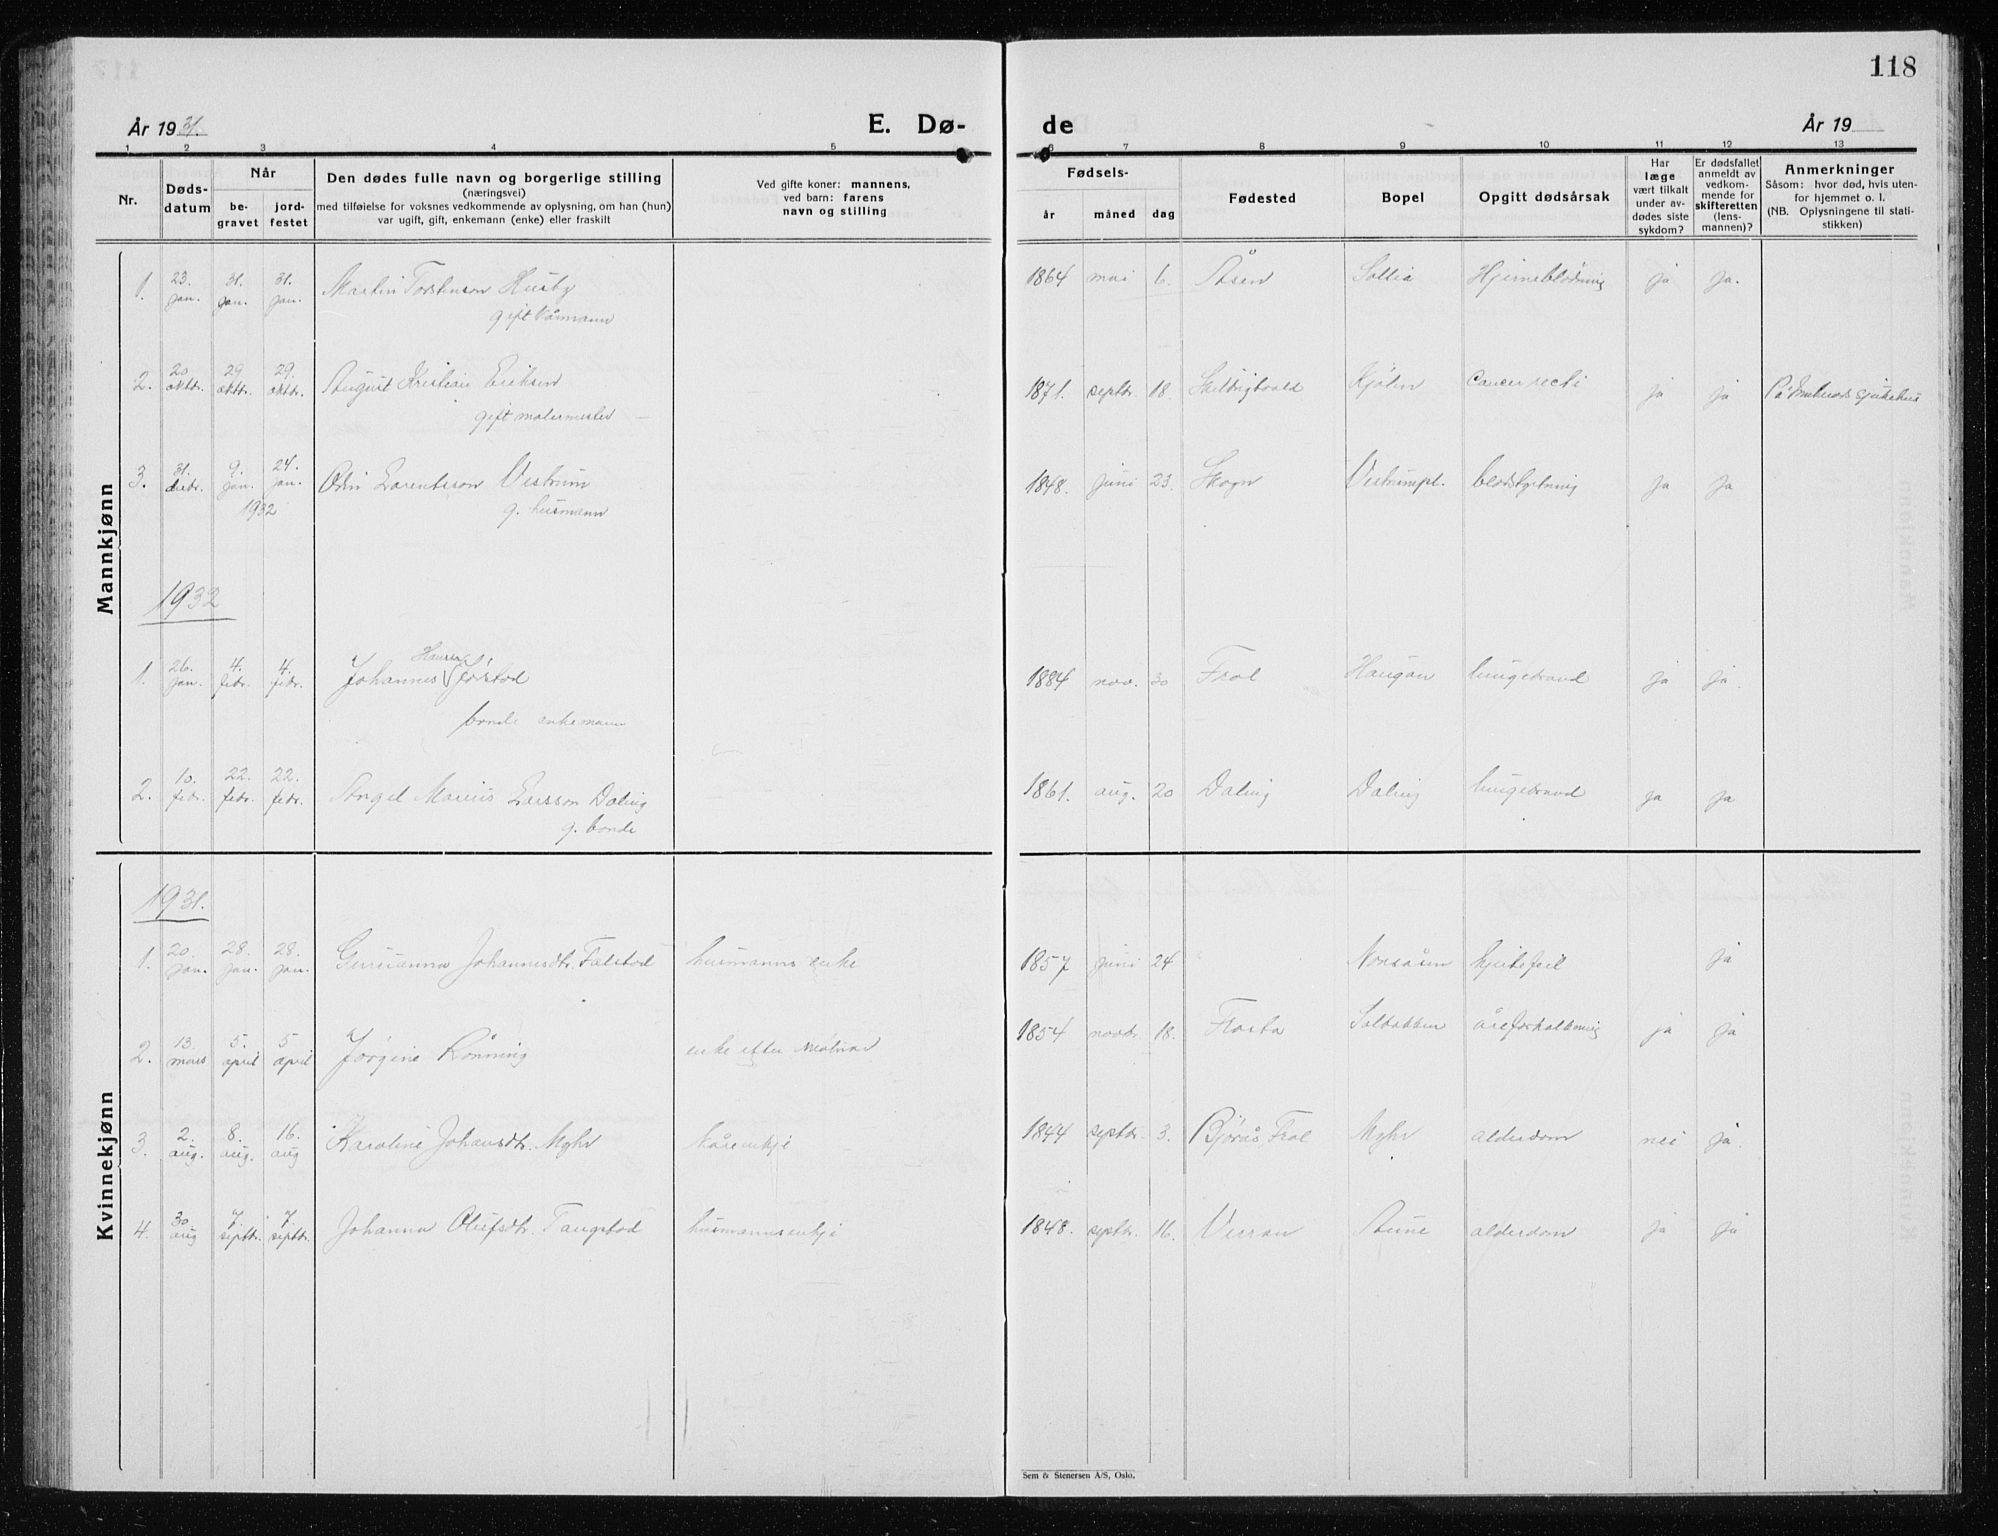 SAT, Ministerialprotokoller, klokkerbøker og fødselsregistre - Nord-Trøndelag, 719/L0180: Klokkerbok nr. 719C01, 1878-1940, s. 118